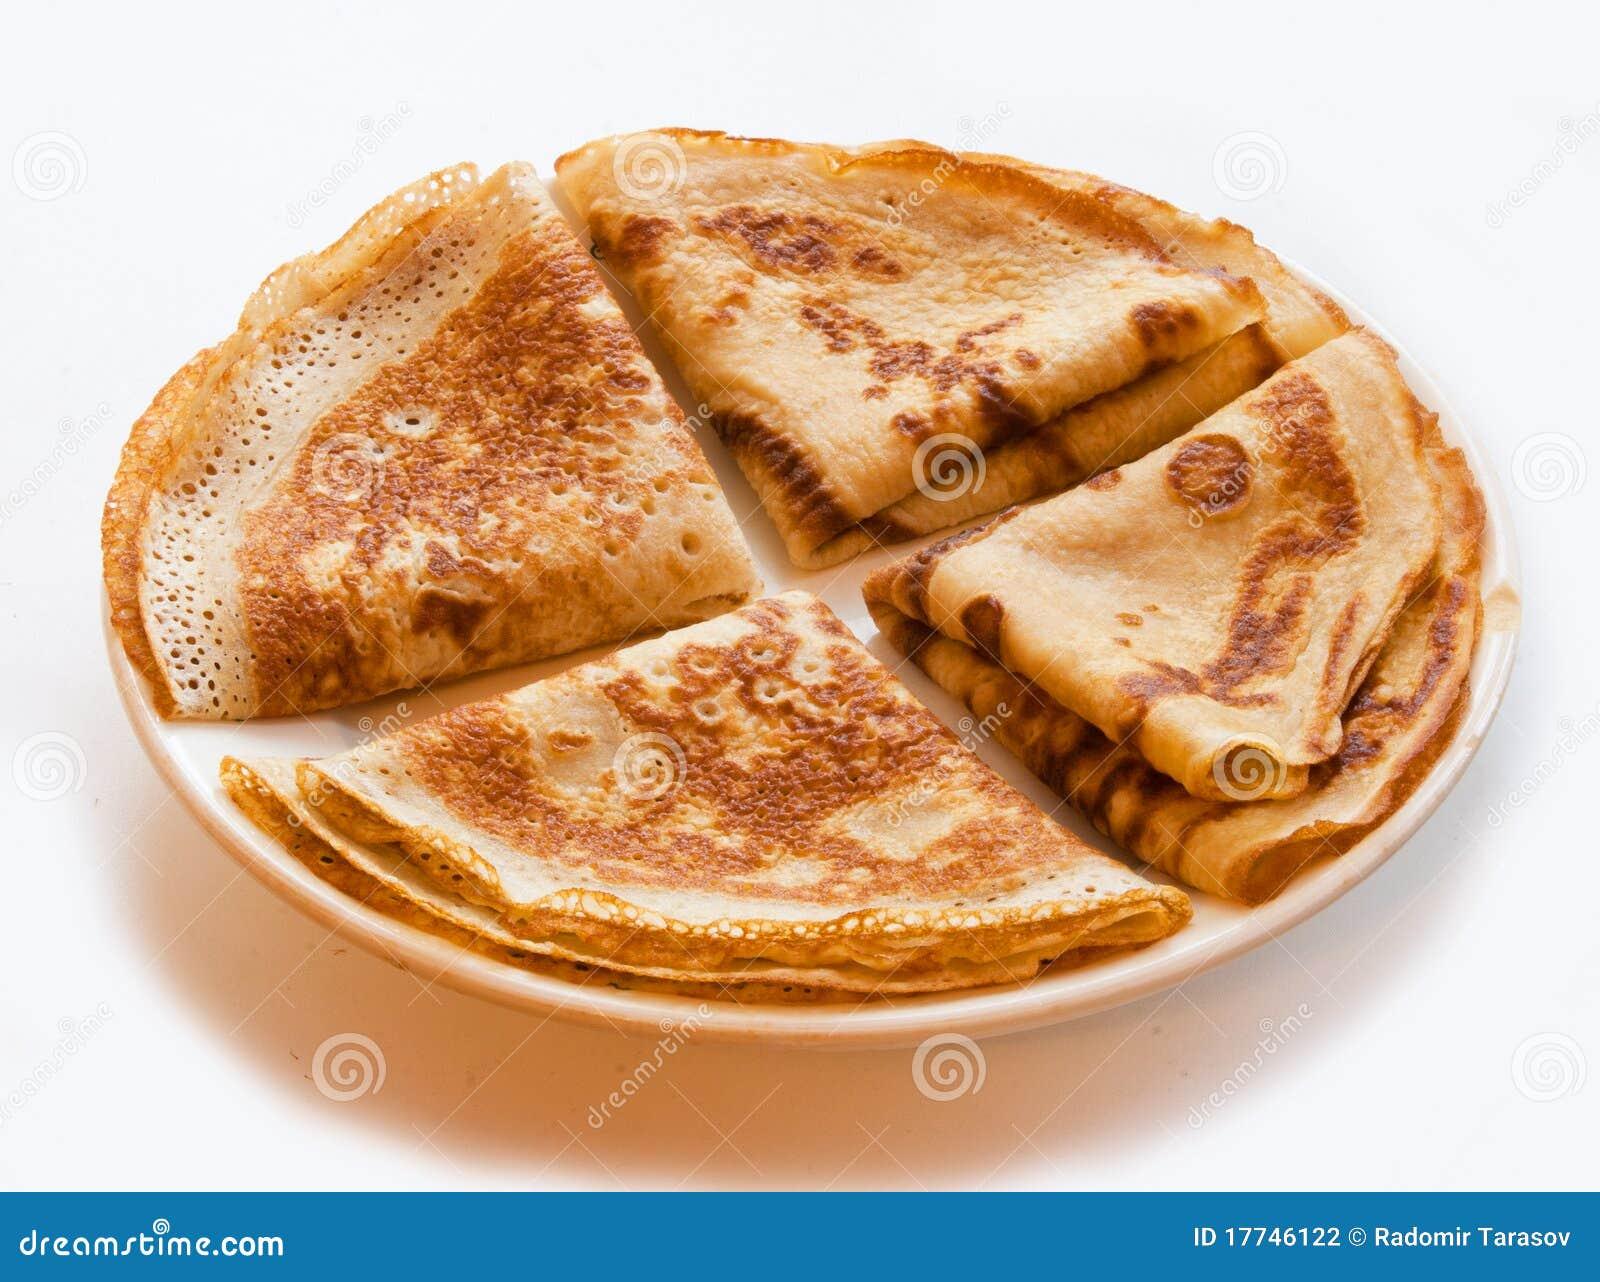 The four pancakes